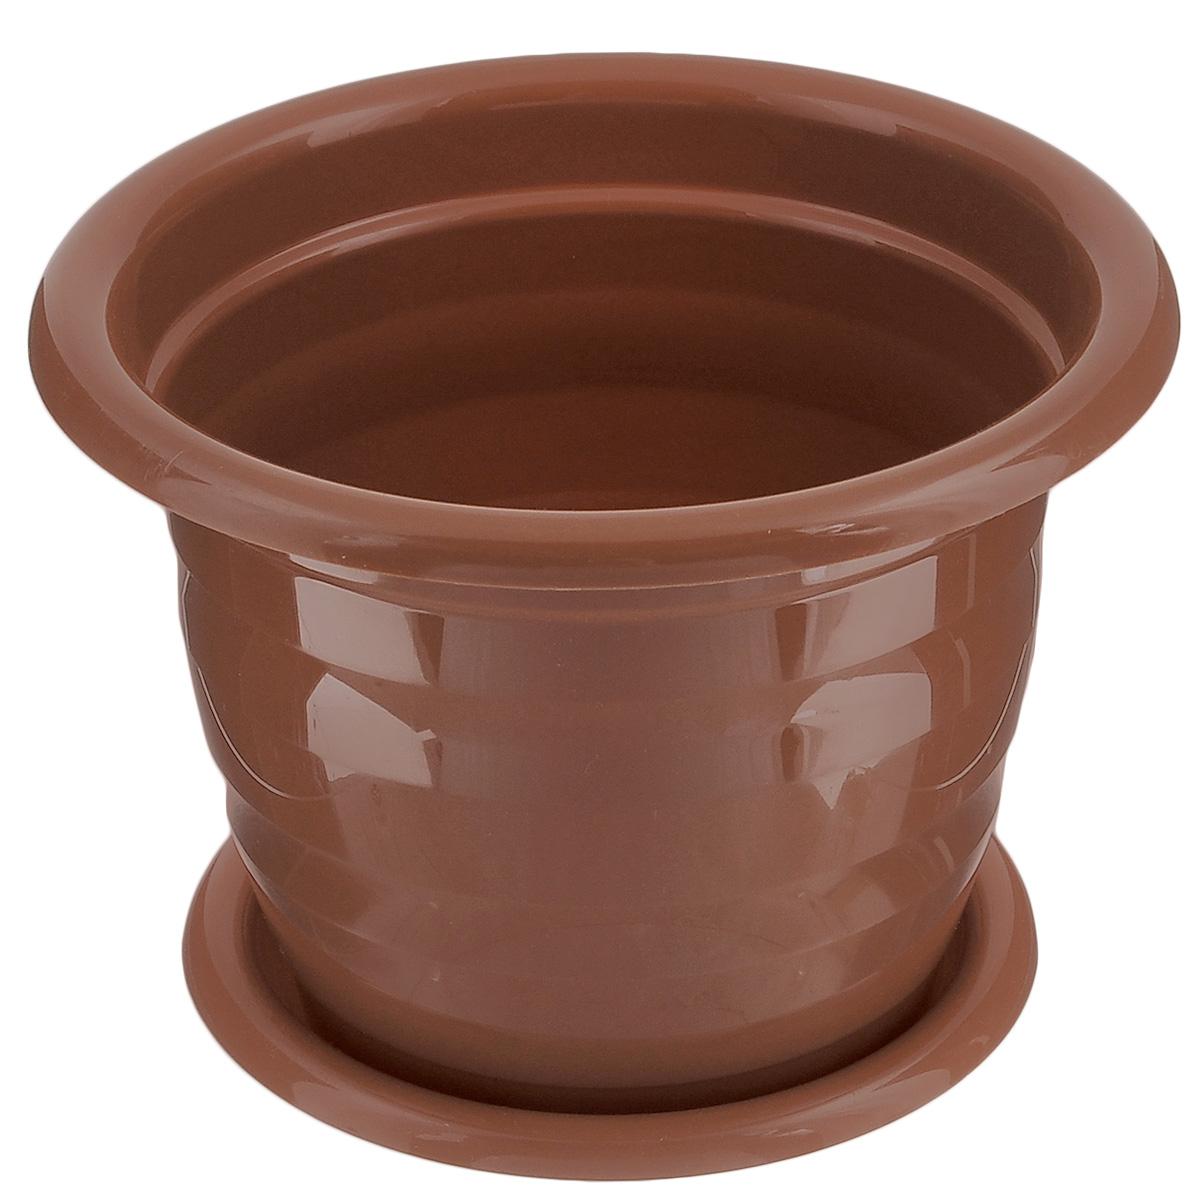 Горшок для цветов Альтернатива Виола, с поддоном, цвет: коричневый, 1 л, диаметр 15 смL-0213Цветочный горшок Альтернатива Виола выполнен из пластика и предназначен для выращивания в нем цветов, растений и трав.Такой горшок порадует вас современным дизайном и функциональностью, а также оригинально украсит интерьер помещения. К горшку прилагается поддон.Объем горшка: 1 л.Диаметр горшка: 15 см.Высота горшка: 12 см.Диаметр поддона: 12 см.